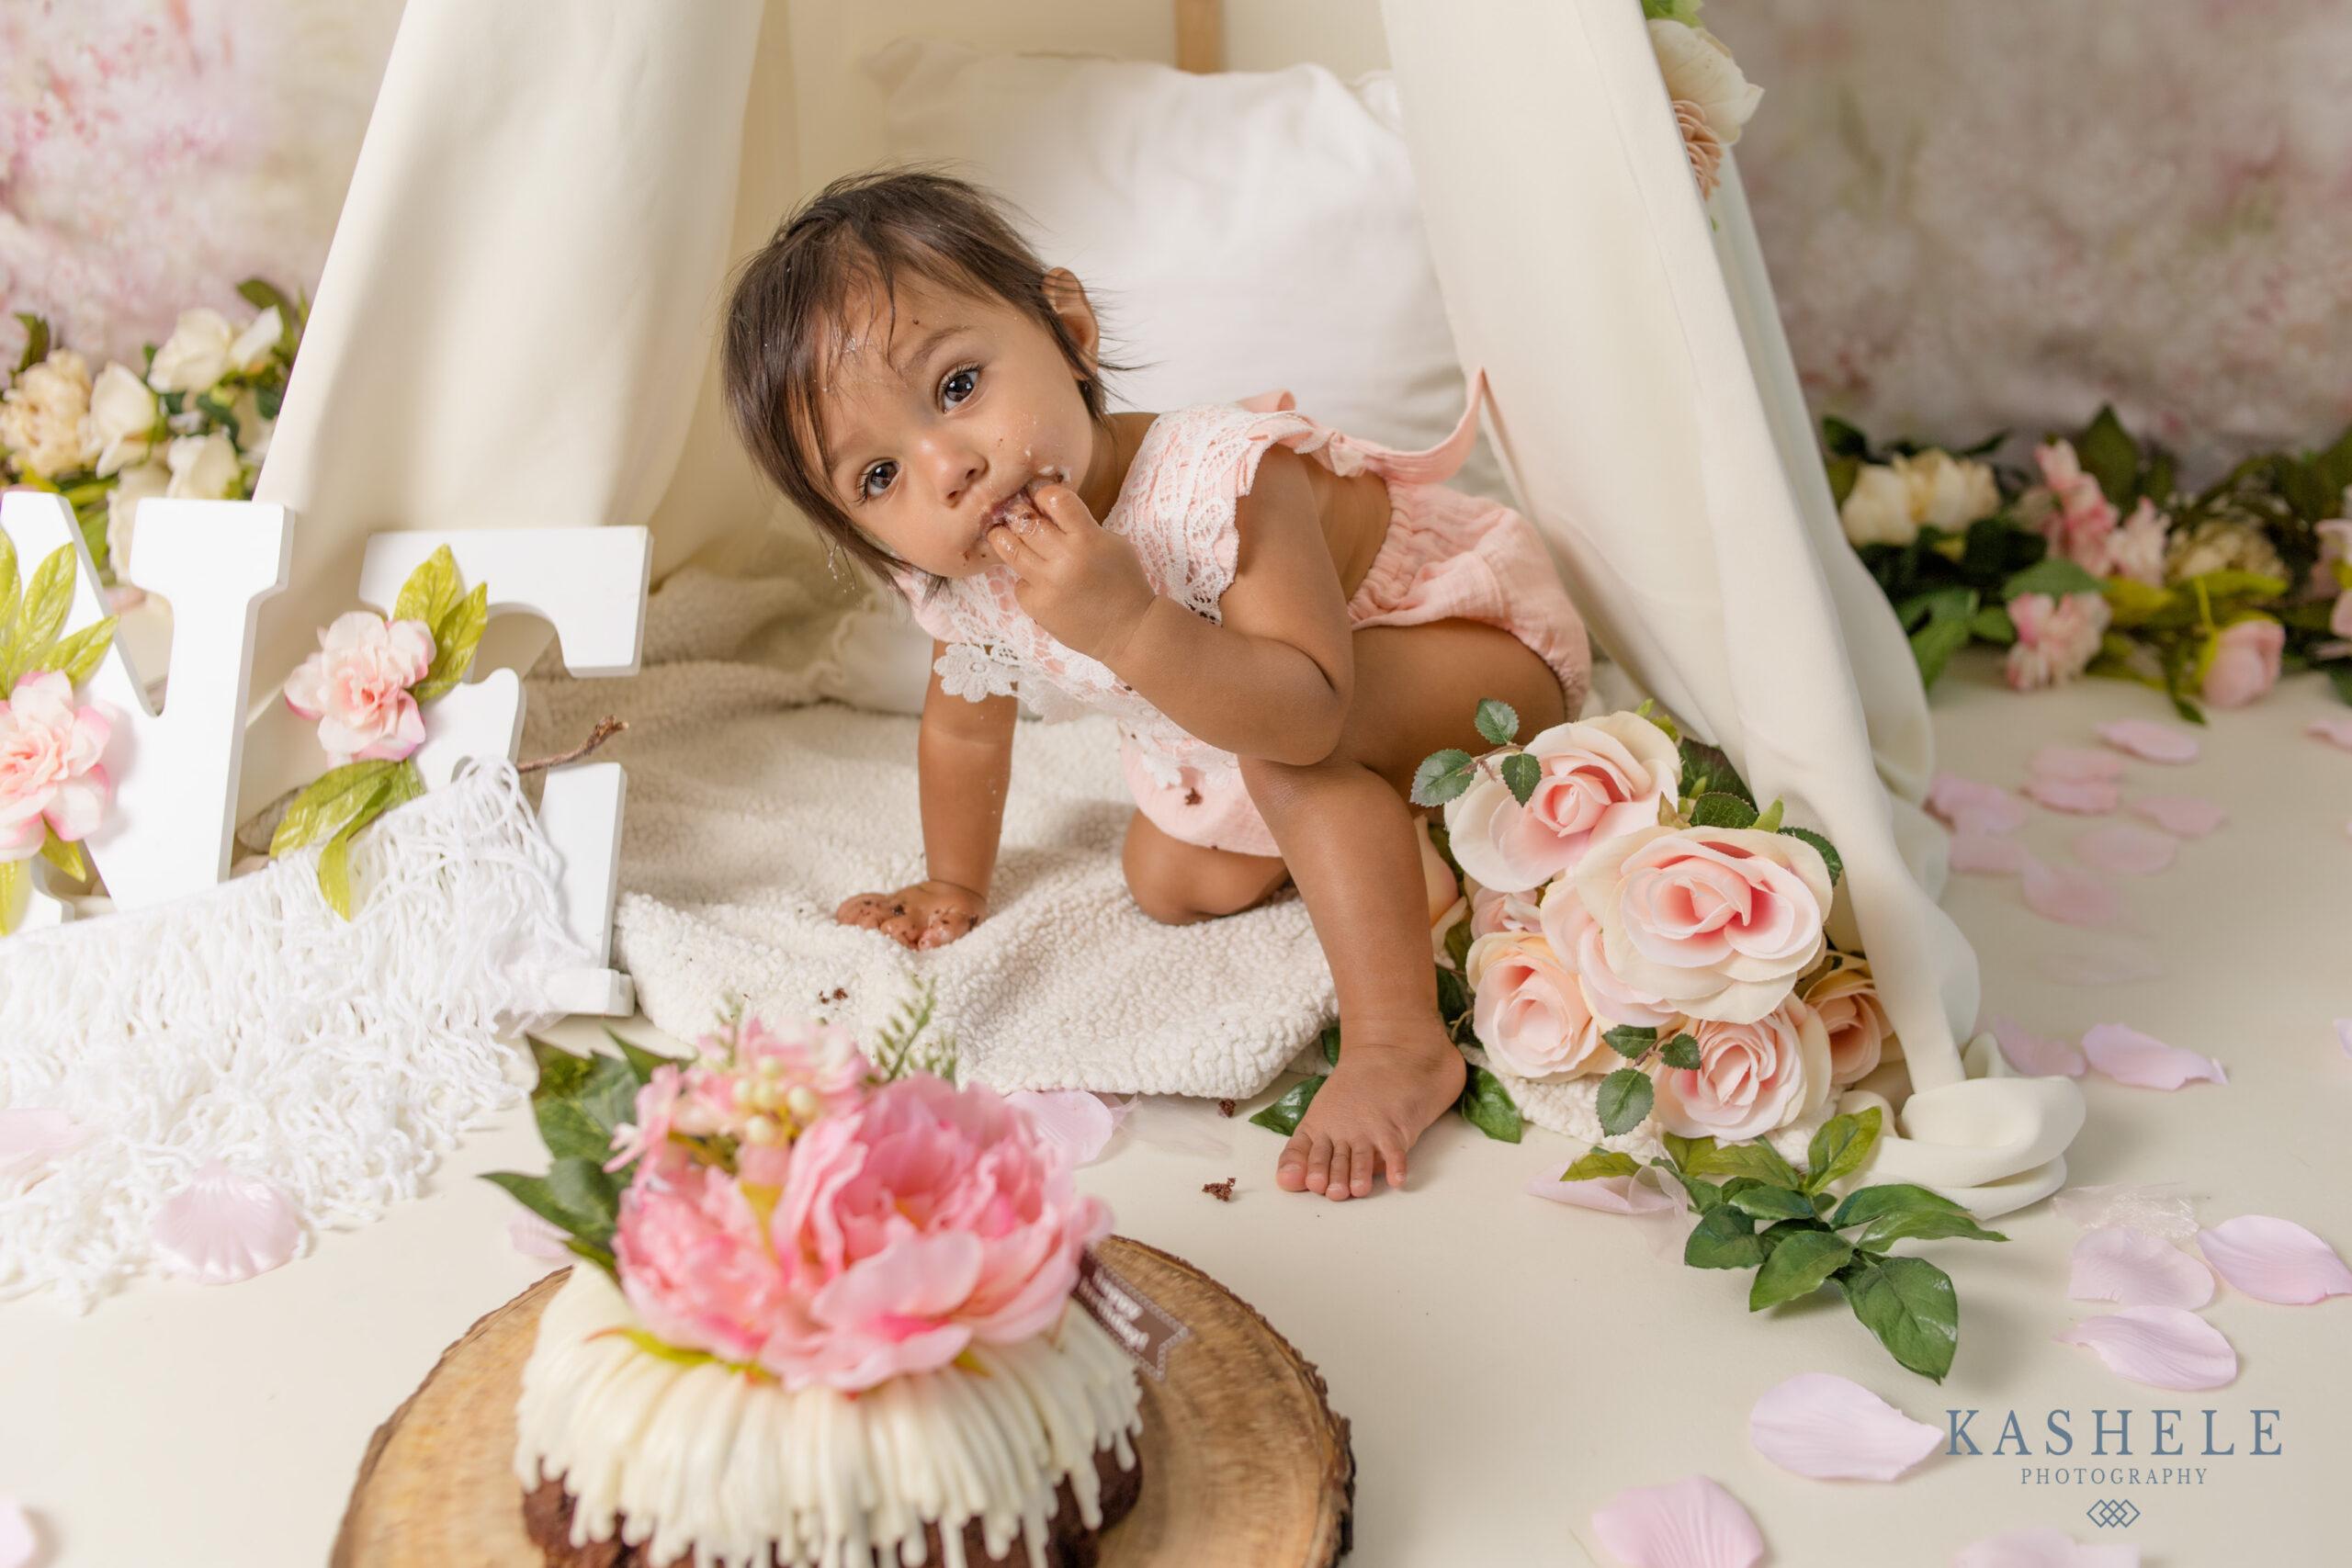 Little girl eating her cake during her milestone cake smash session